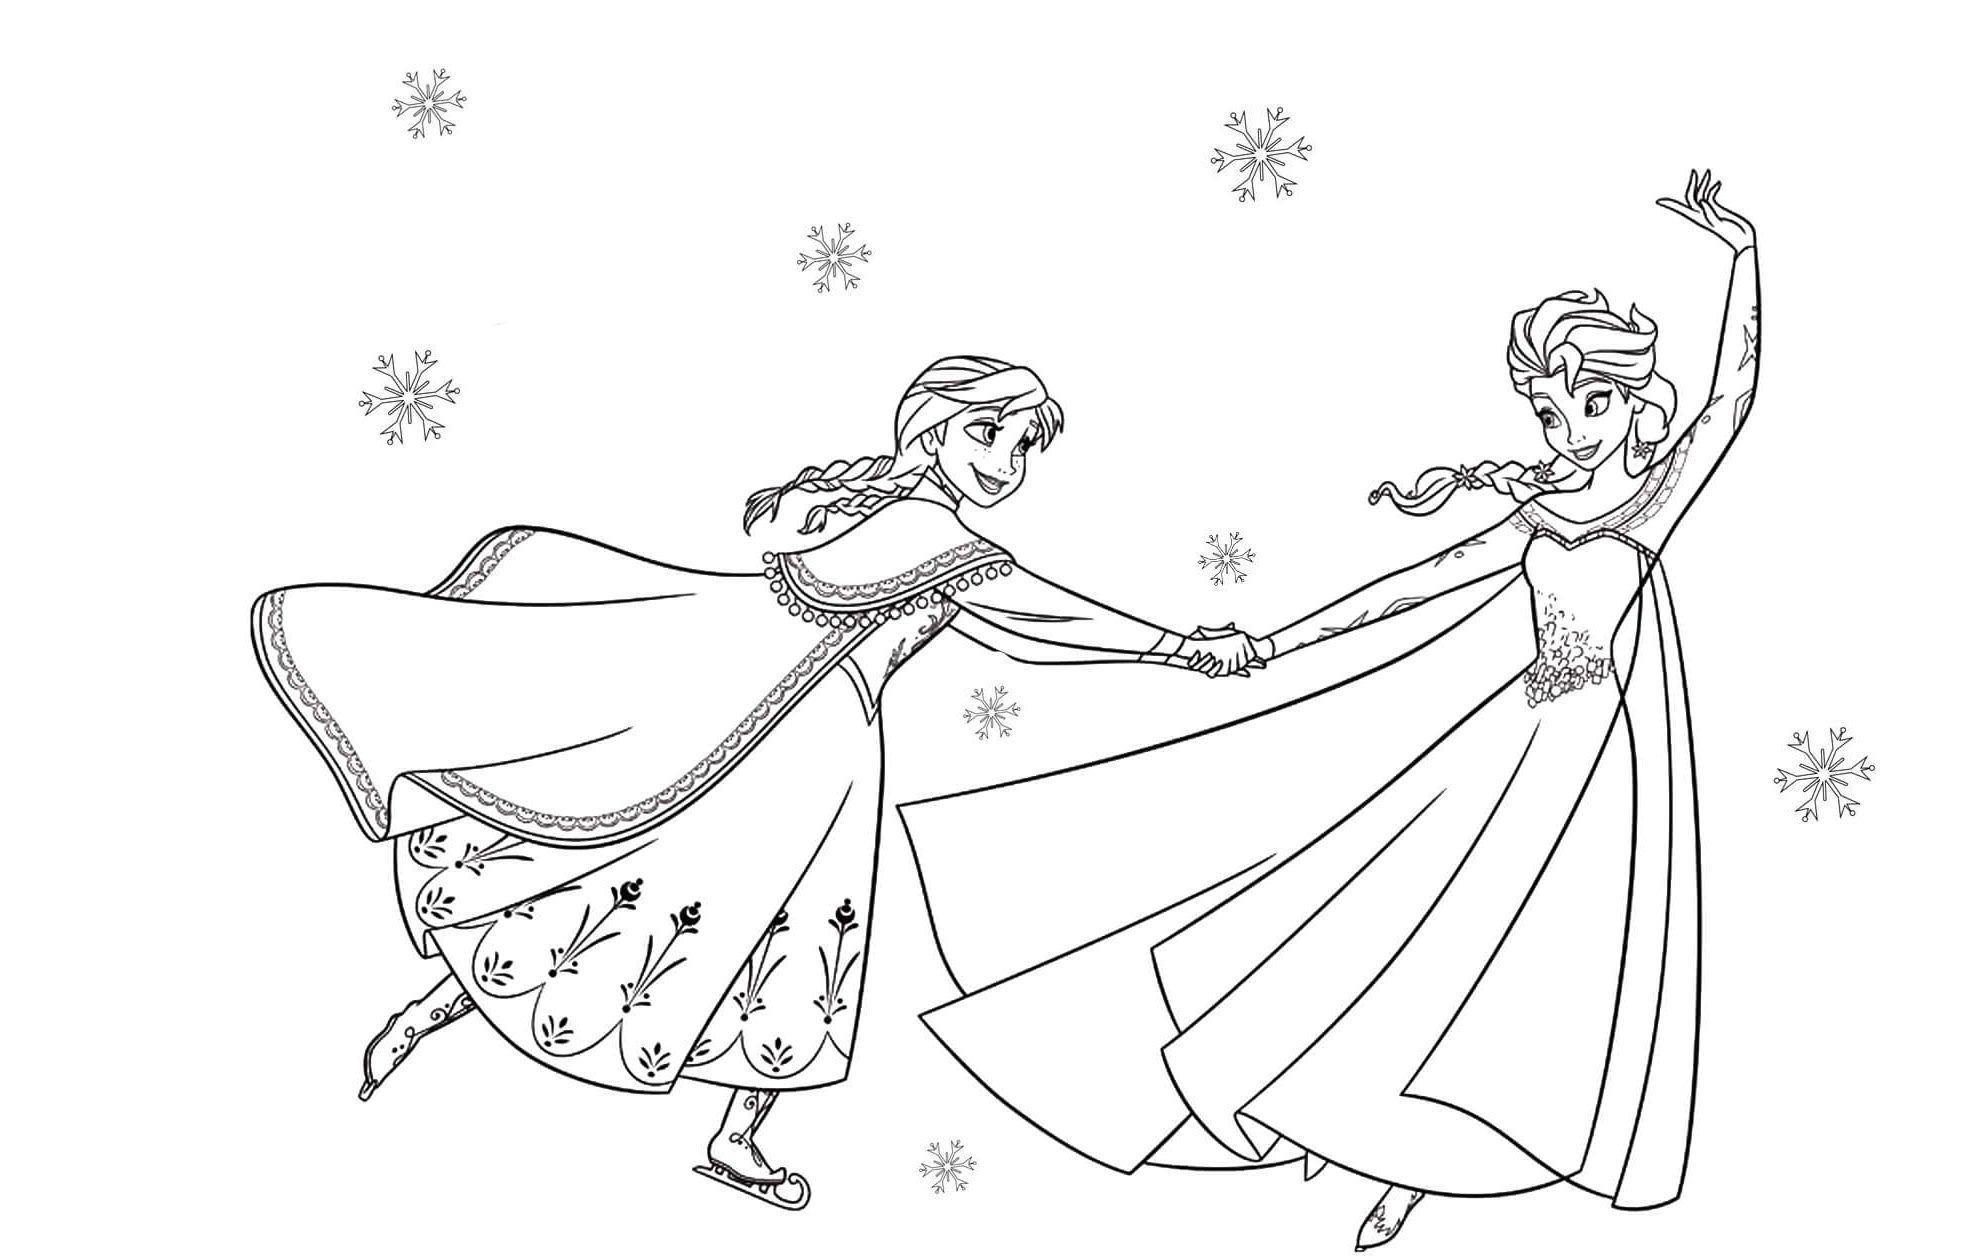 13 Beste Ausmalbilder Elsa Zum Ausdrucken Kostenlos (Mit ganzes Ausmalbilder Elsa